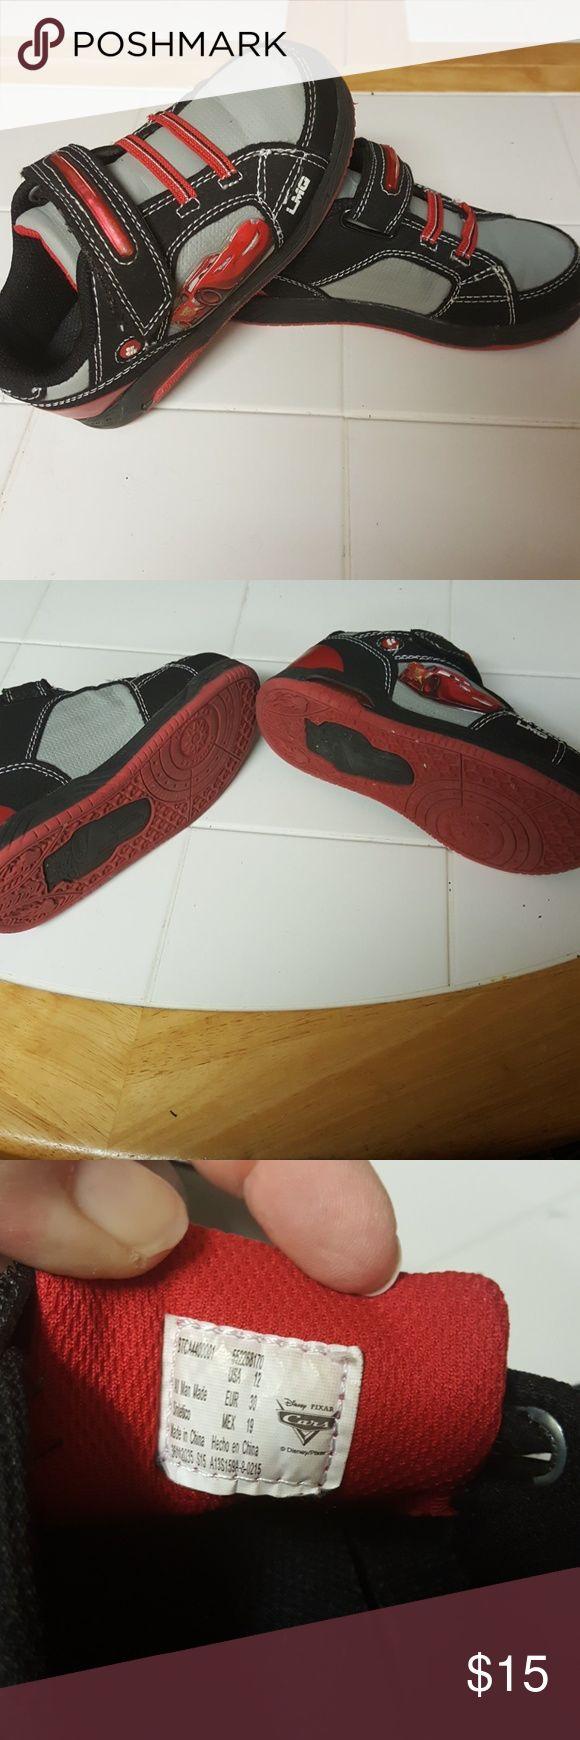 Kids size 12 cars shoes Kids size 12 Cars shoes cars Shoes Sneakers